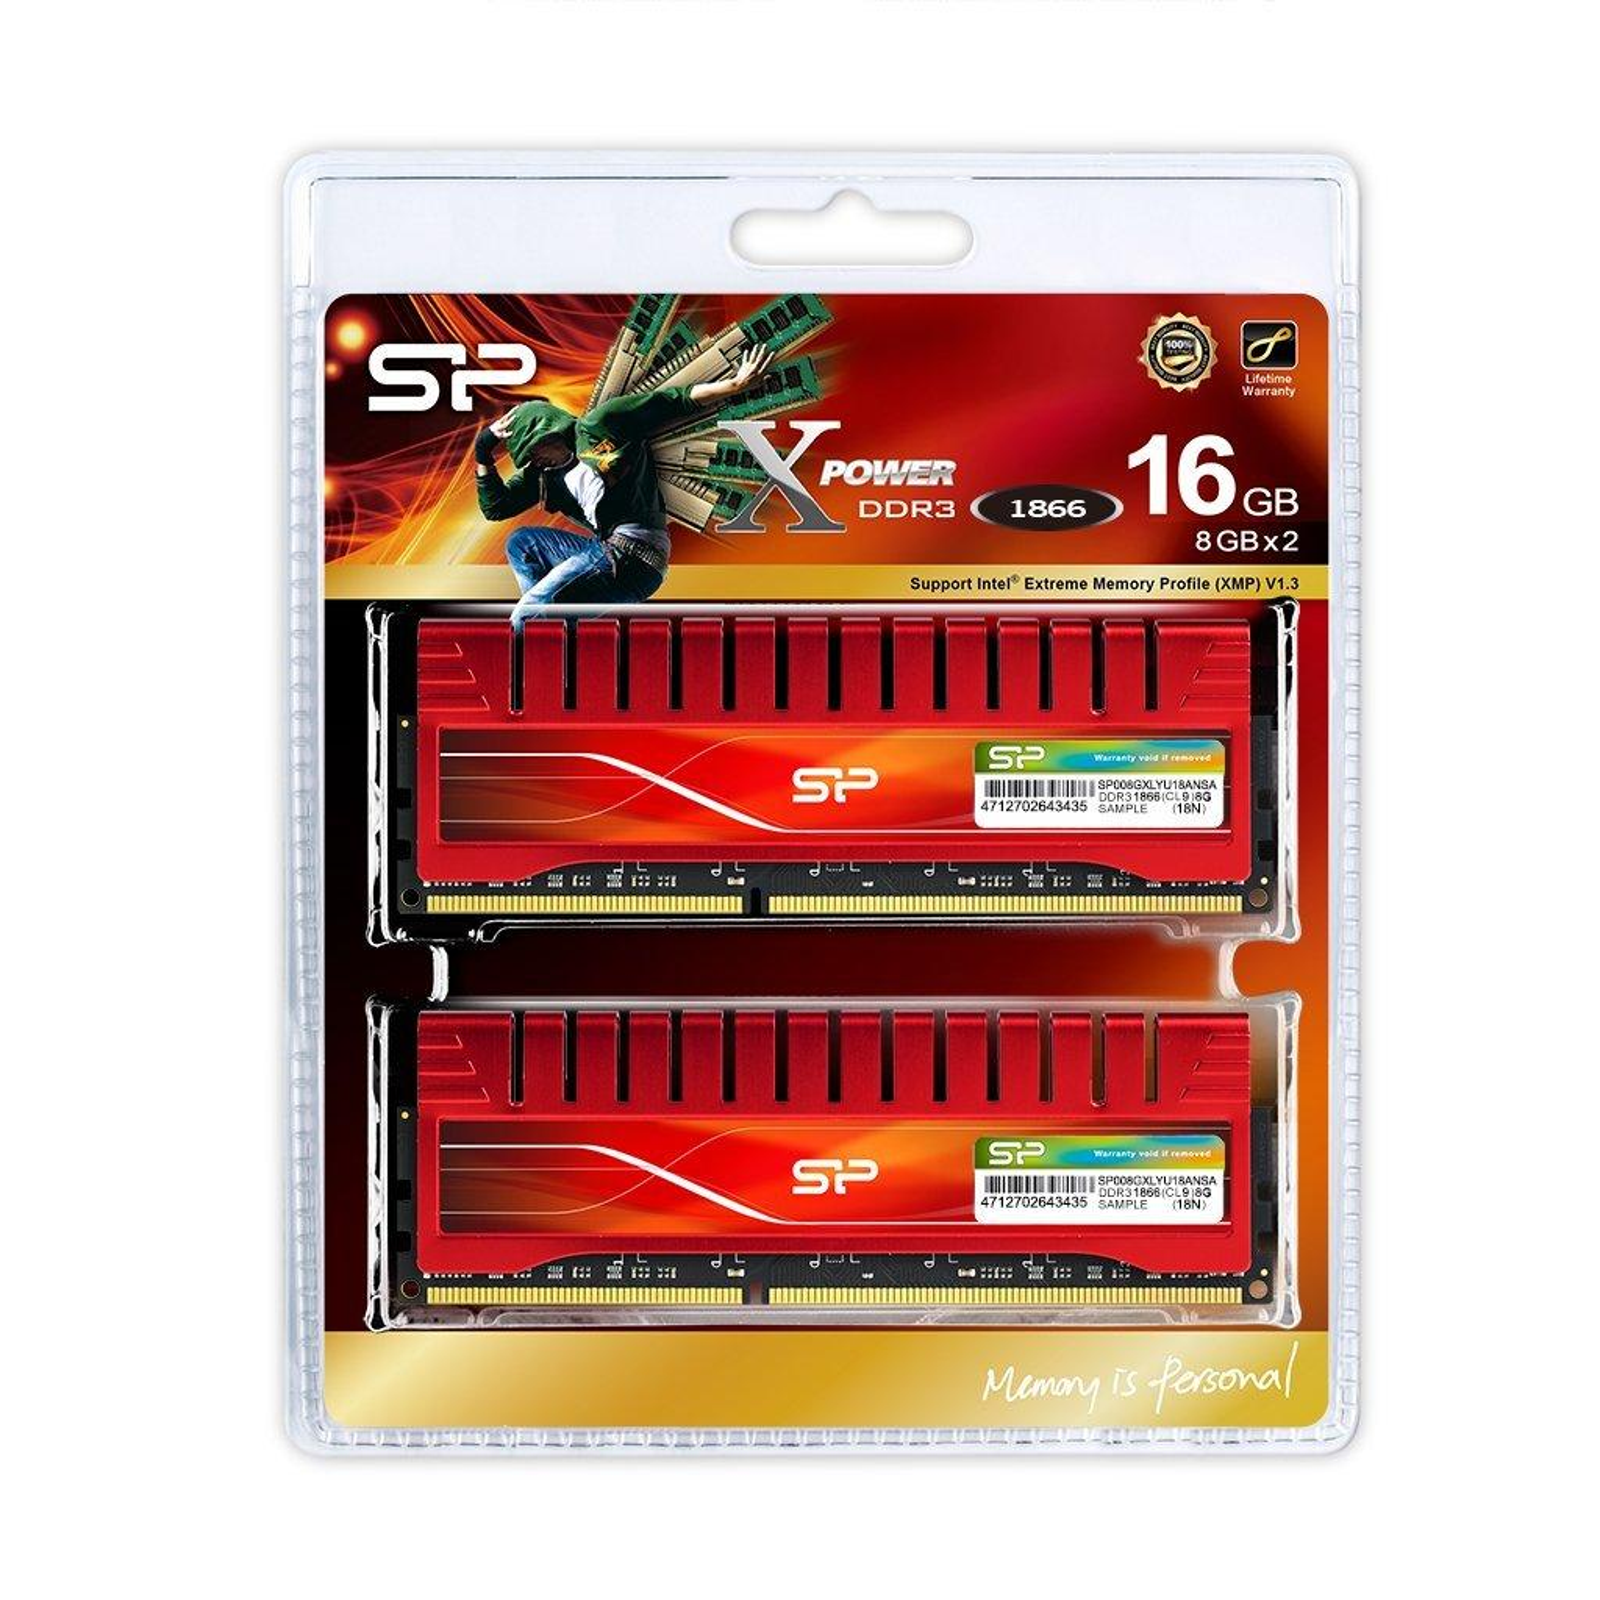 Модуль памяти для компьютера DDR3 16GB (2x8GB) 1866 MHz X-Power Silicon Power (SP016GXLYU18ANDA) изображение 3